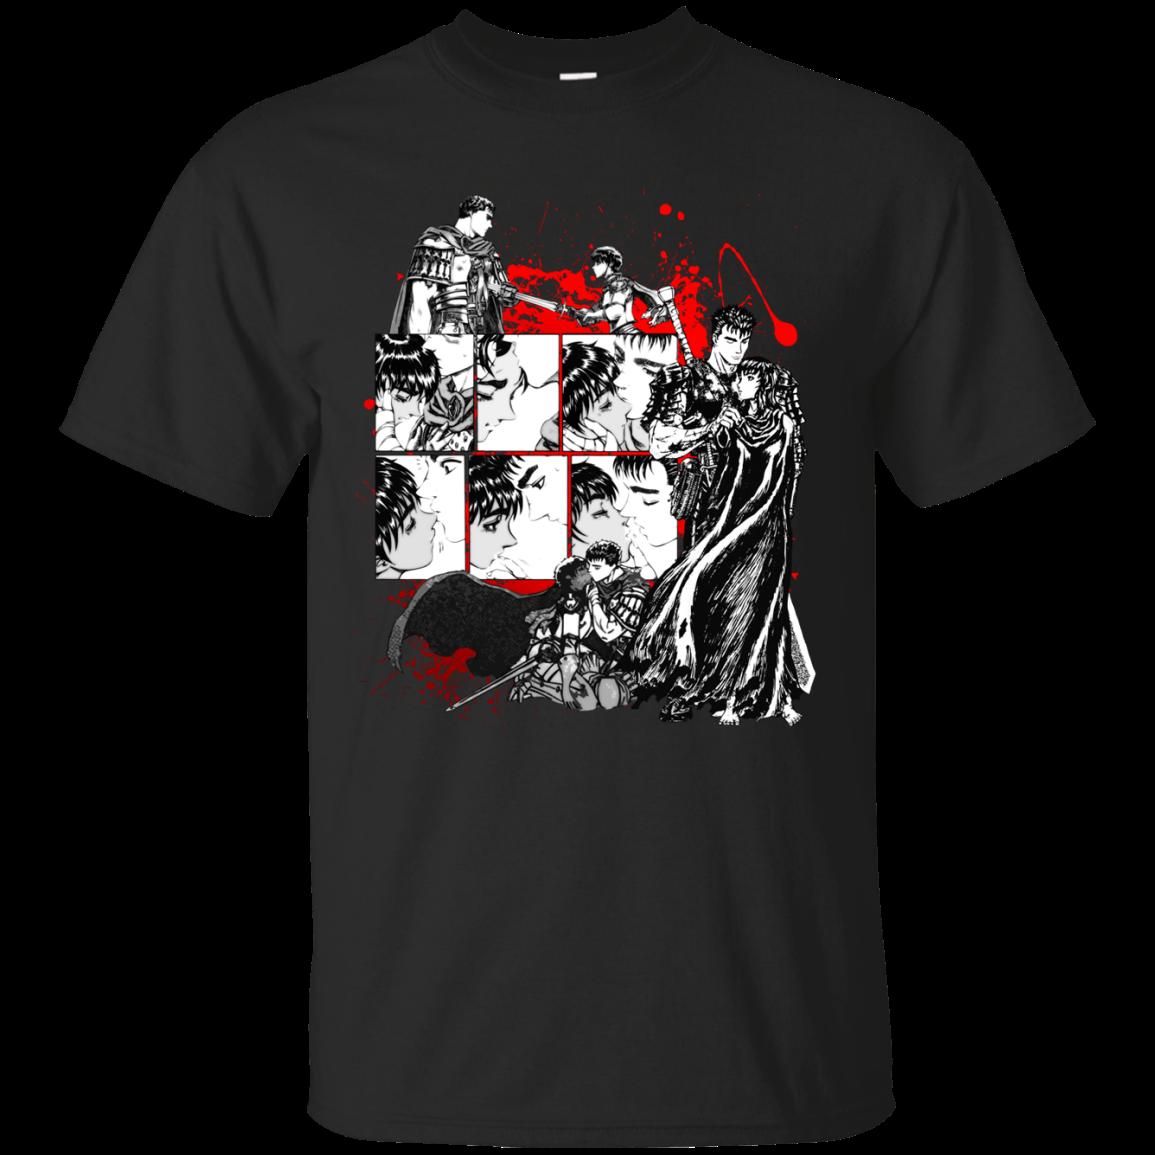 Guts And Caska From Berserk T Shirt